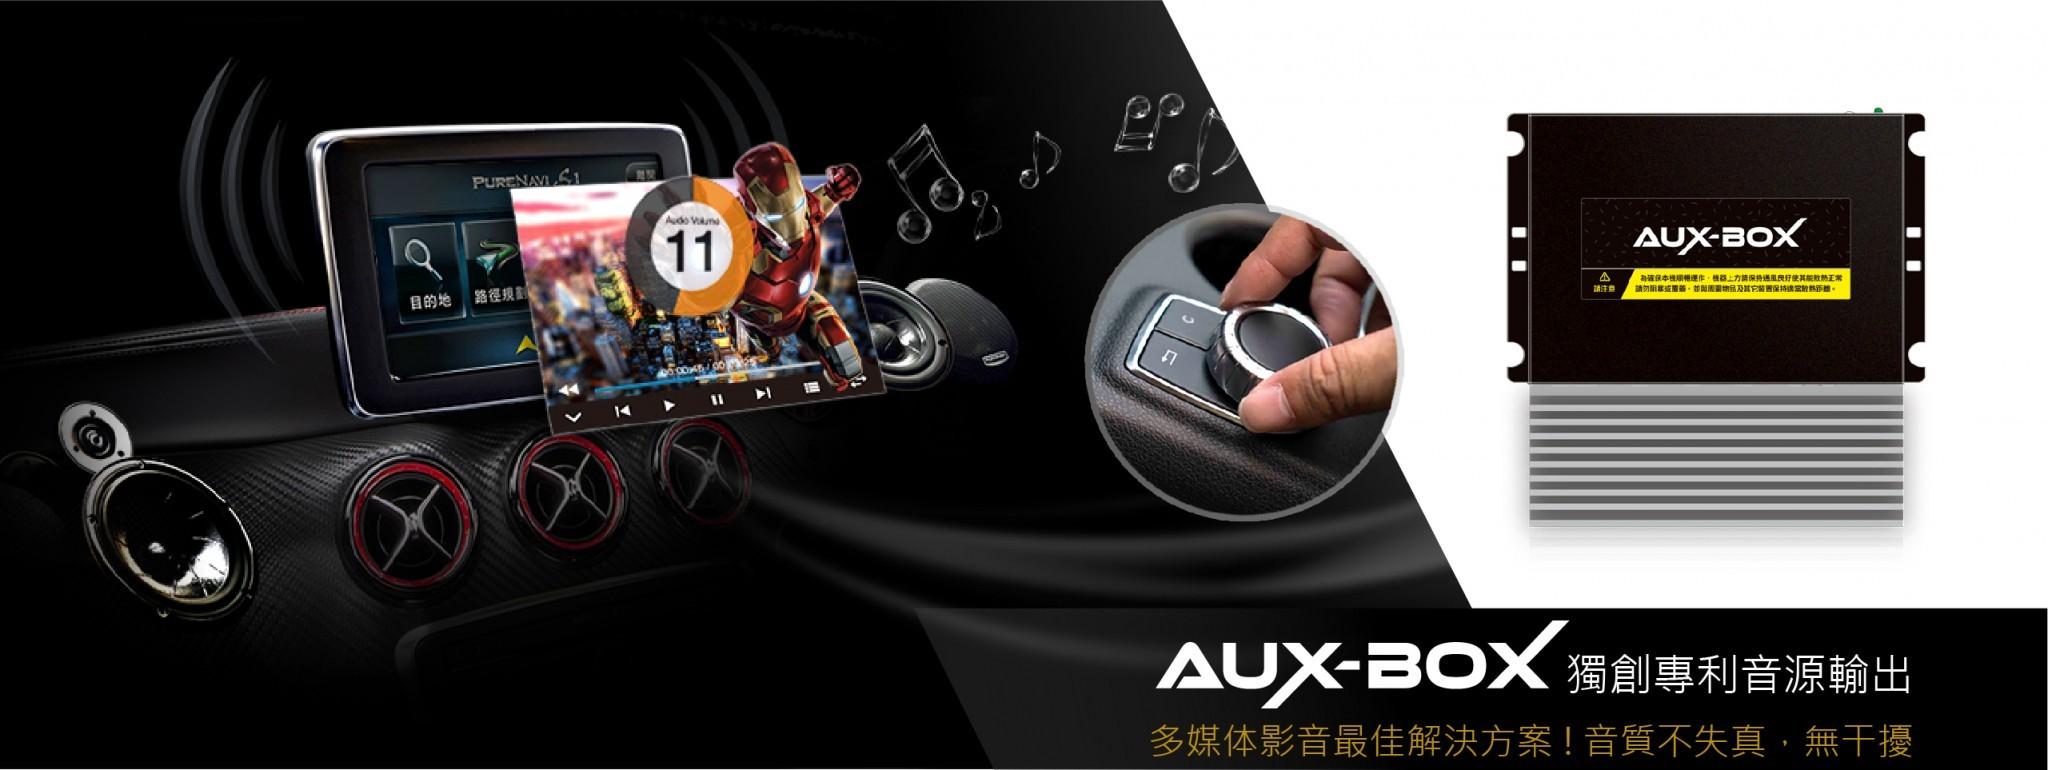 2560x962_AuxBox-01